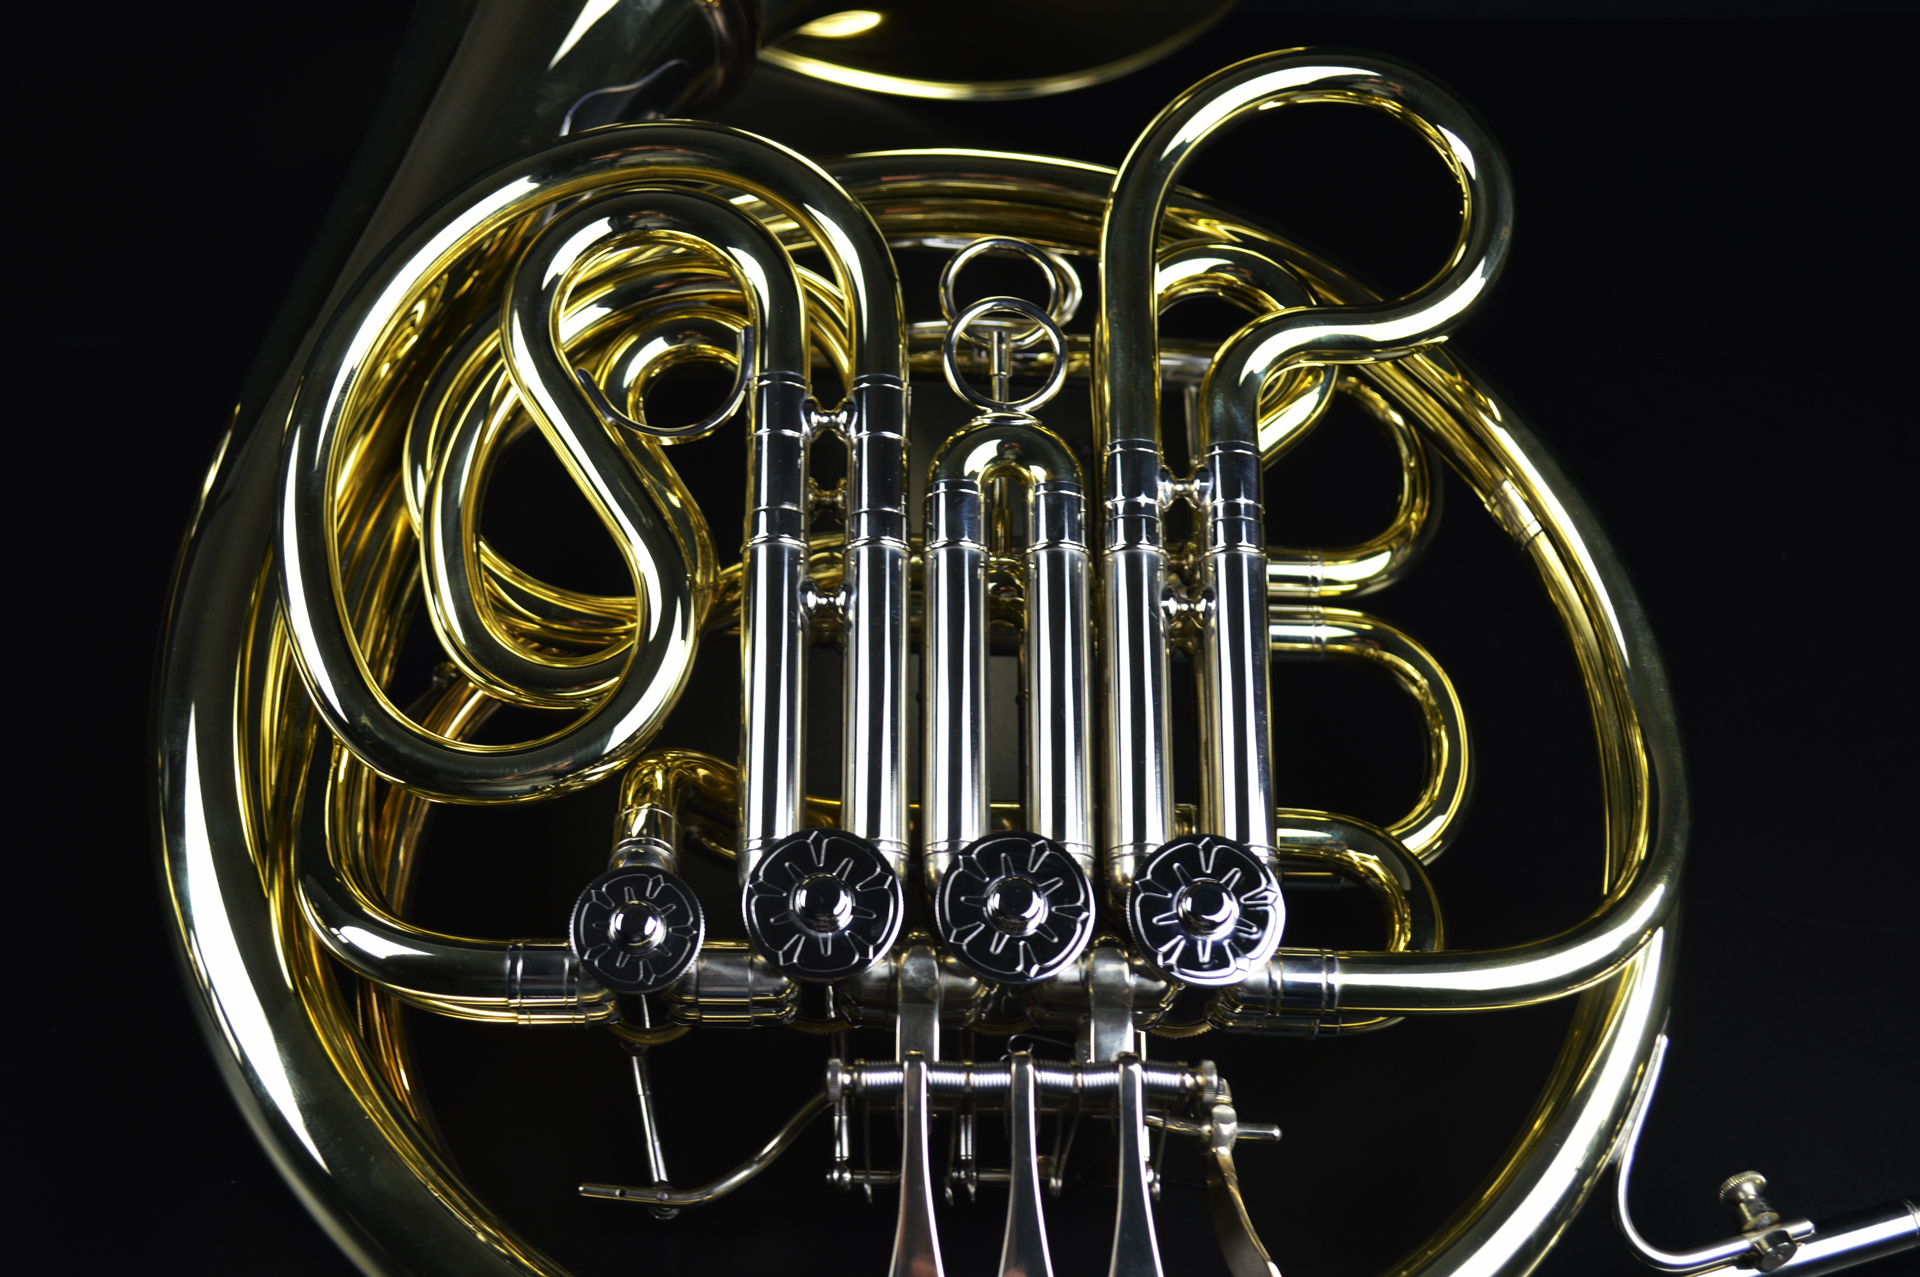 finke-horn-waldhorn-kontakt